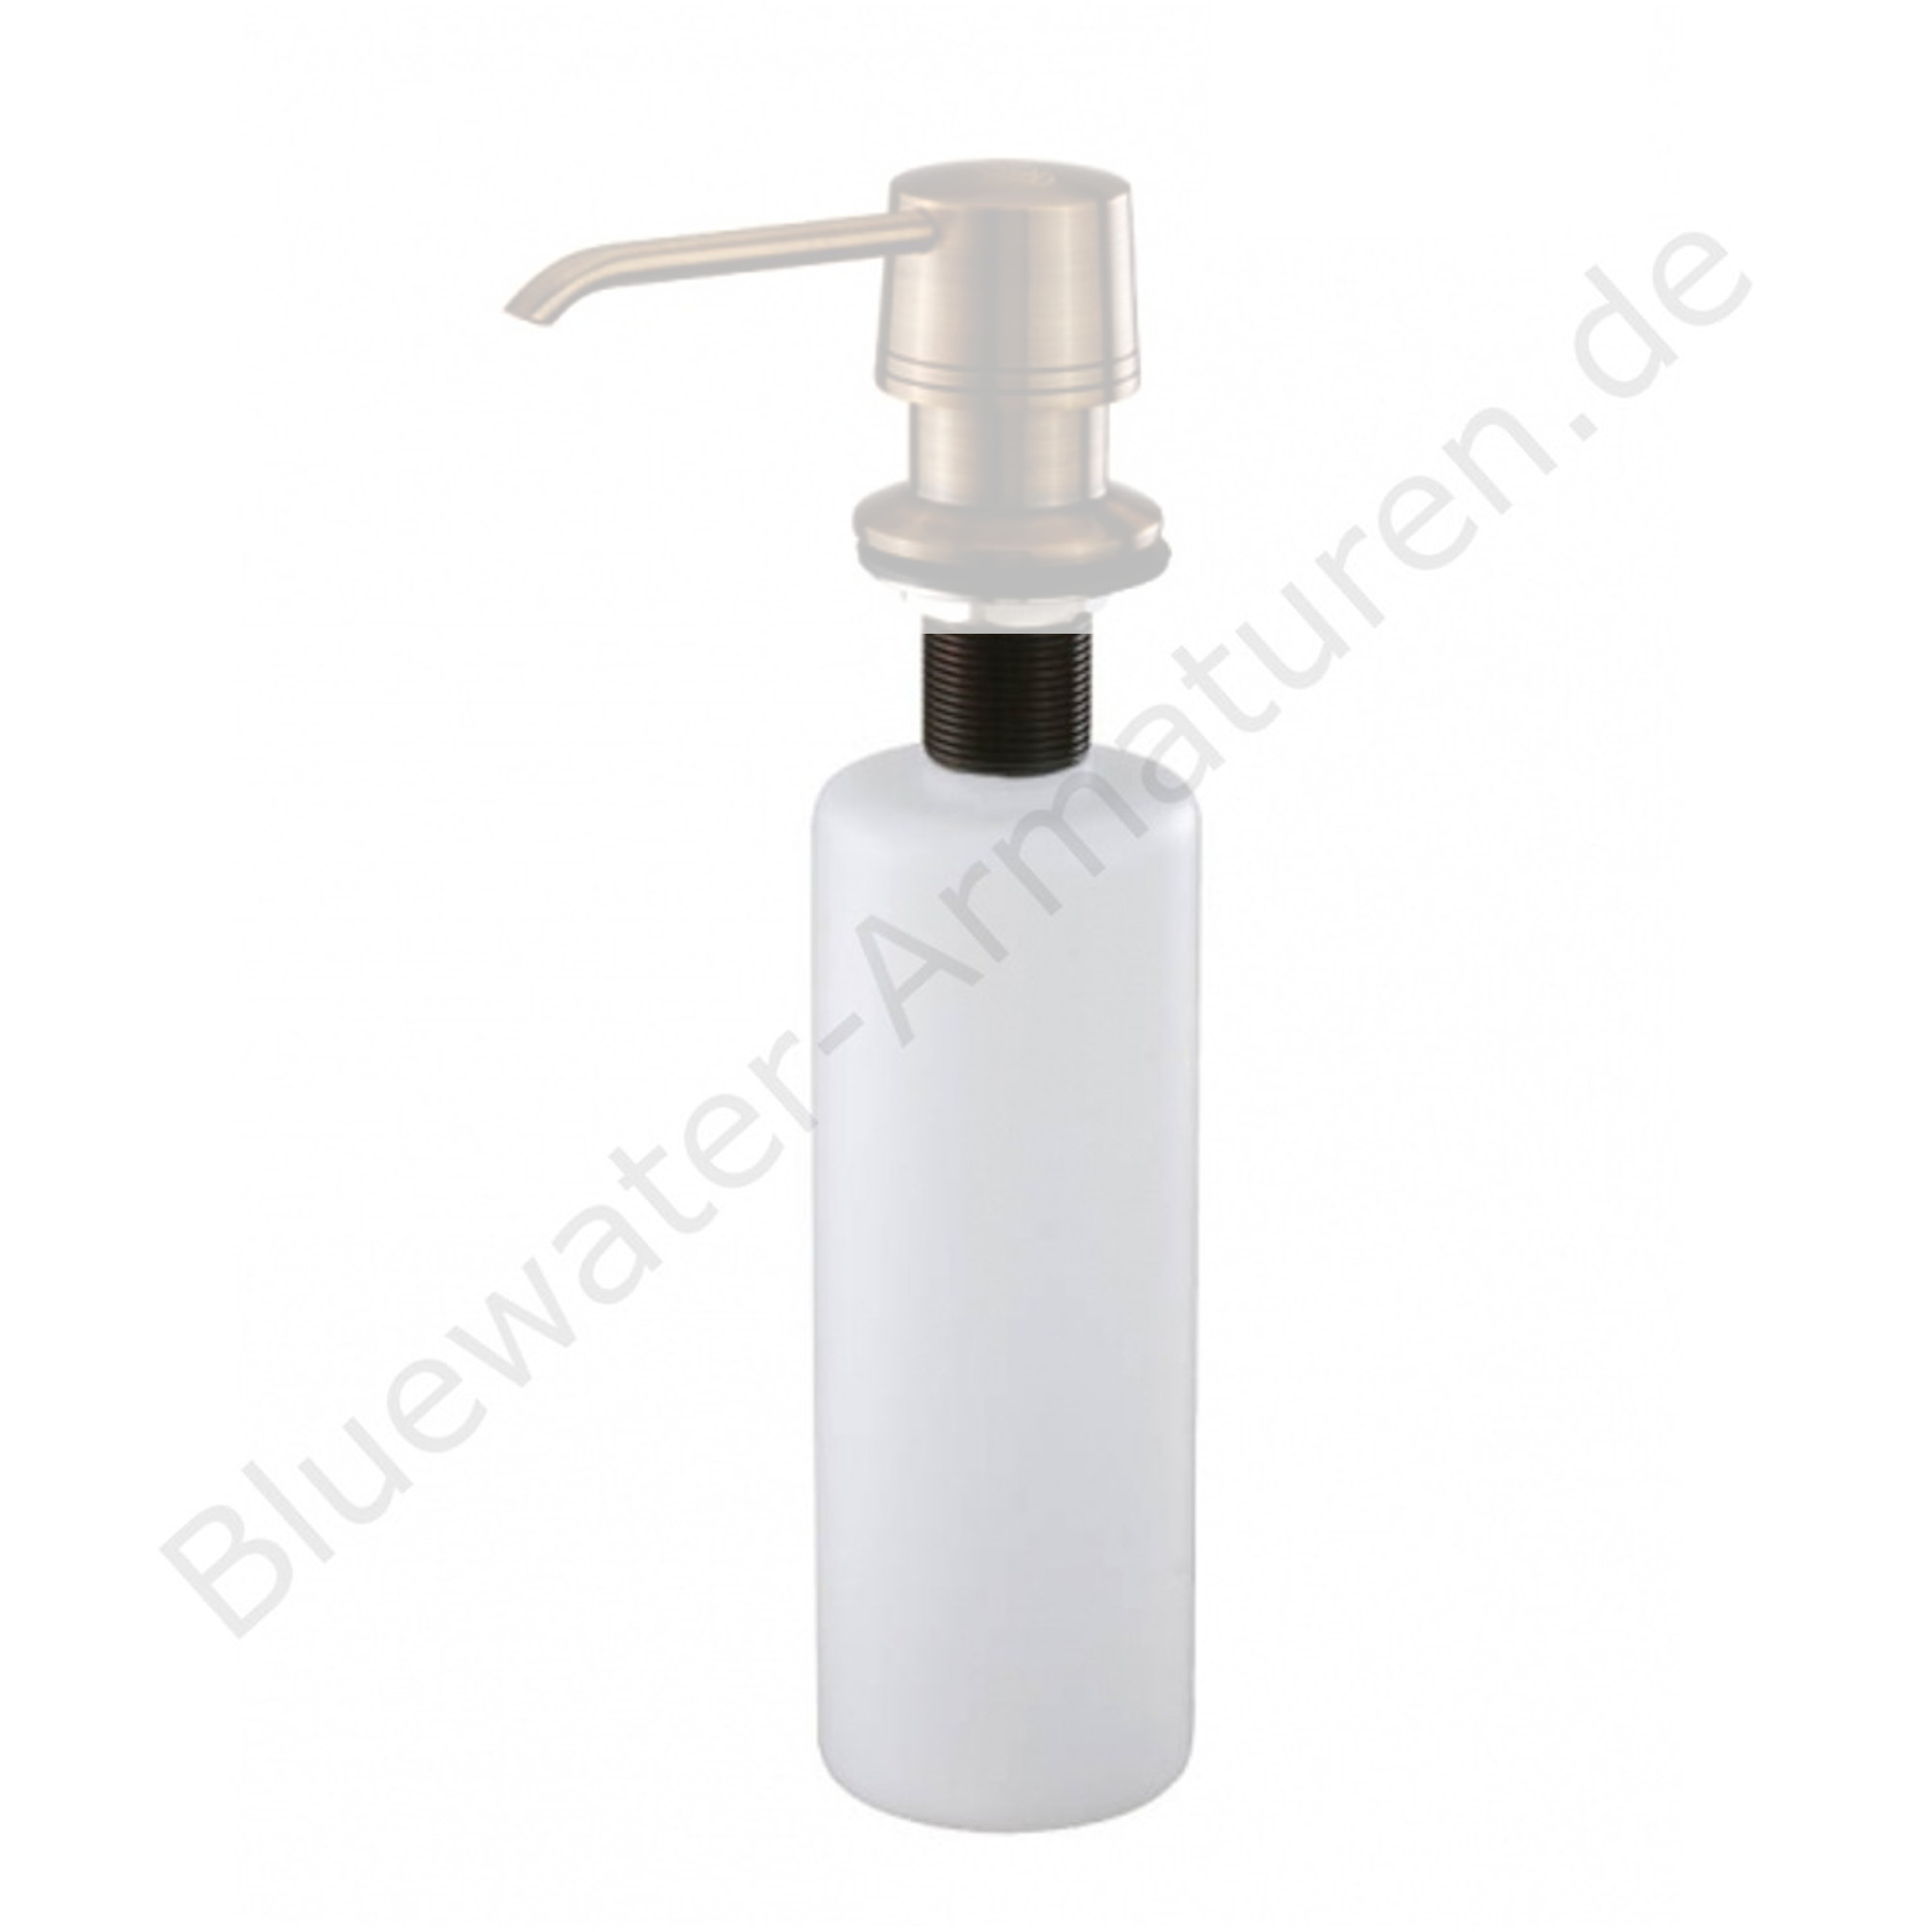 Ersatz-Behälter für Bluewater Messing Seifenspender Küche Alt Gold